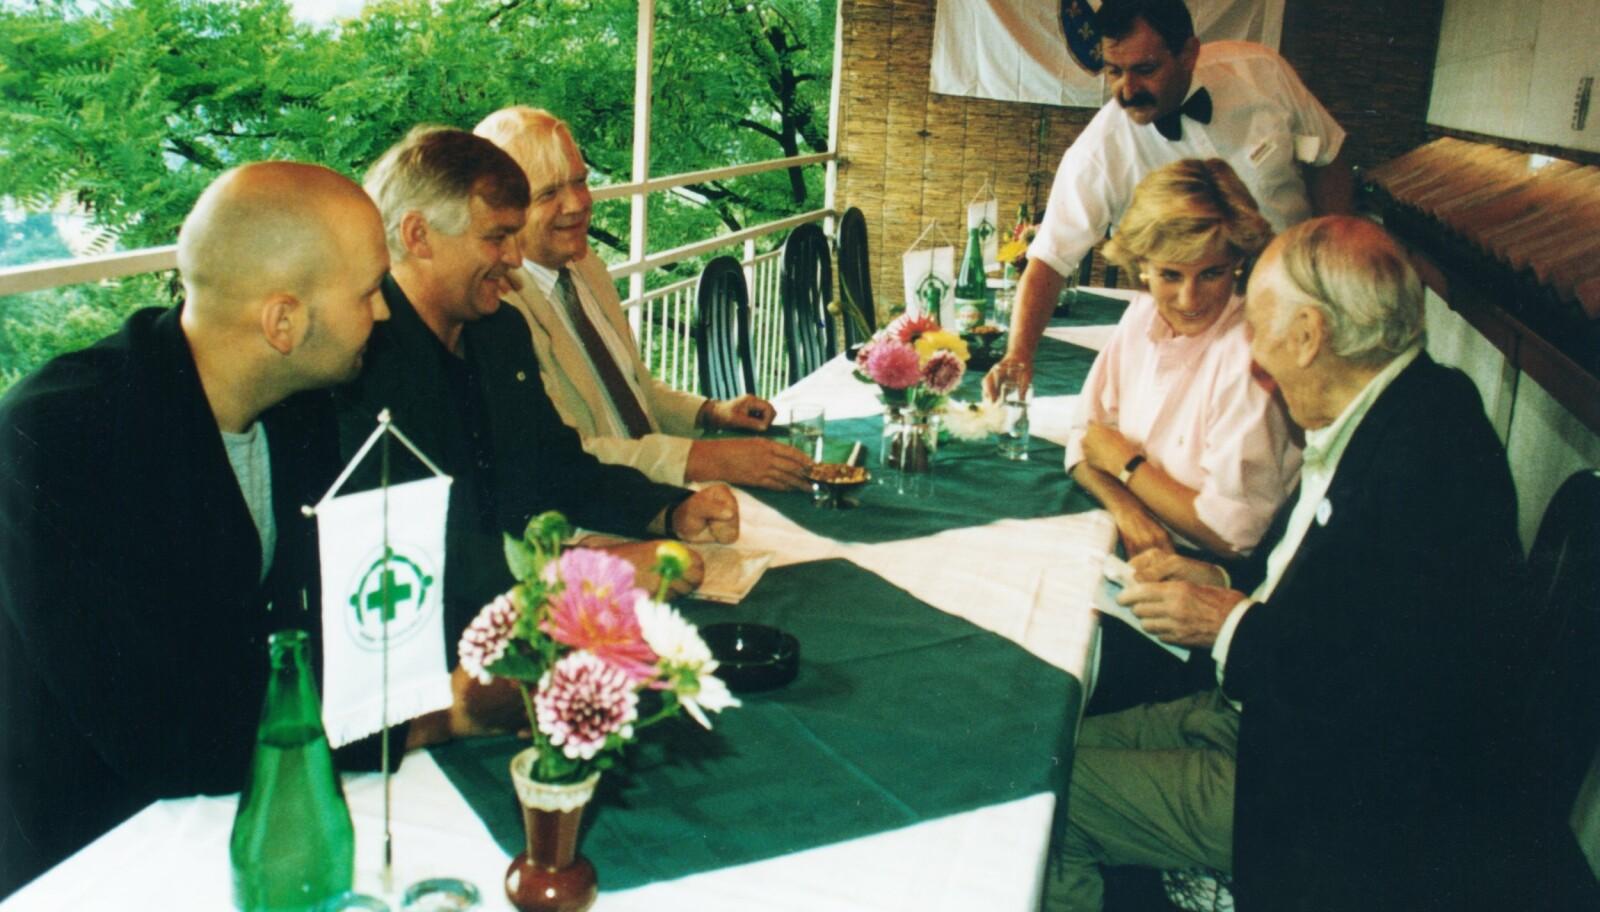 LUNSJ MED DIANA: Per Nergaard (t.v.) og kollegaer møter prinsesse Diana i Sarajevo cirka en måned før hun døde i Paris.